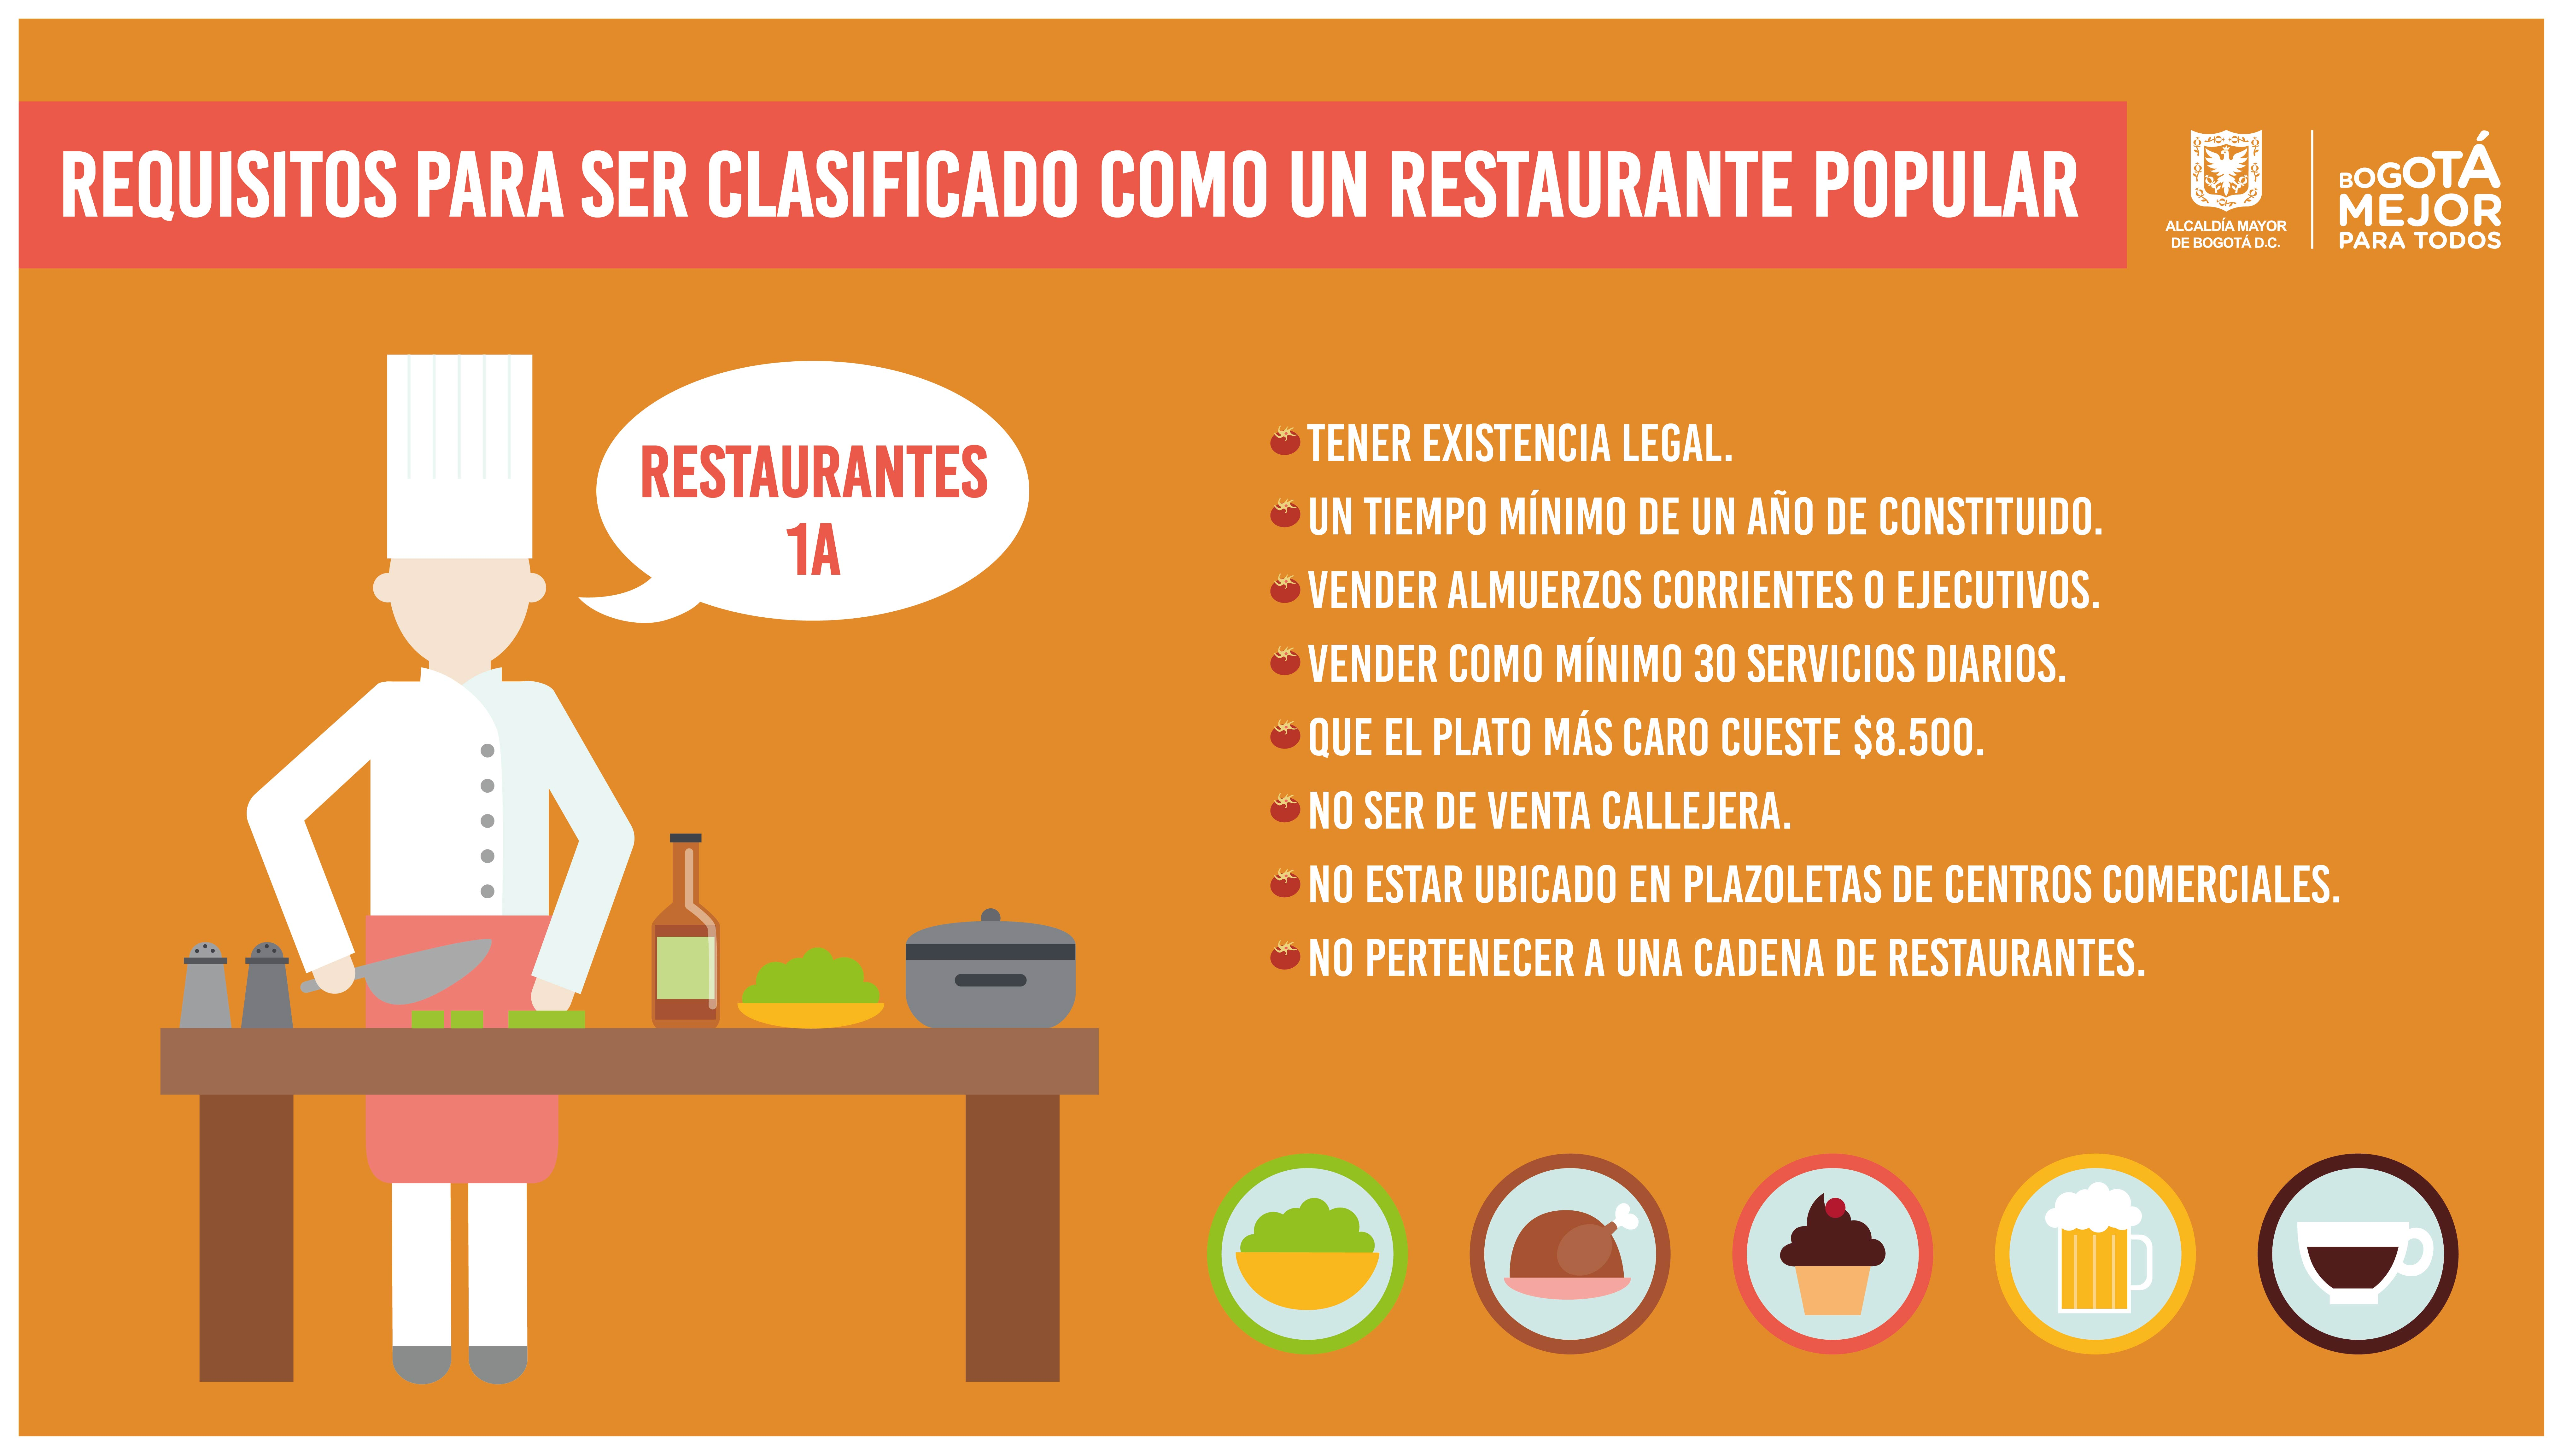 Alim Ntese Con Confianza En Los 39 Restaurantes 1a 39 Bogota